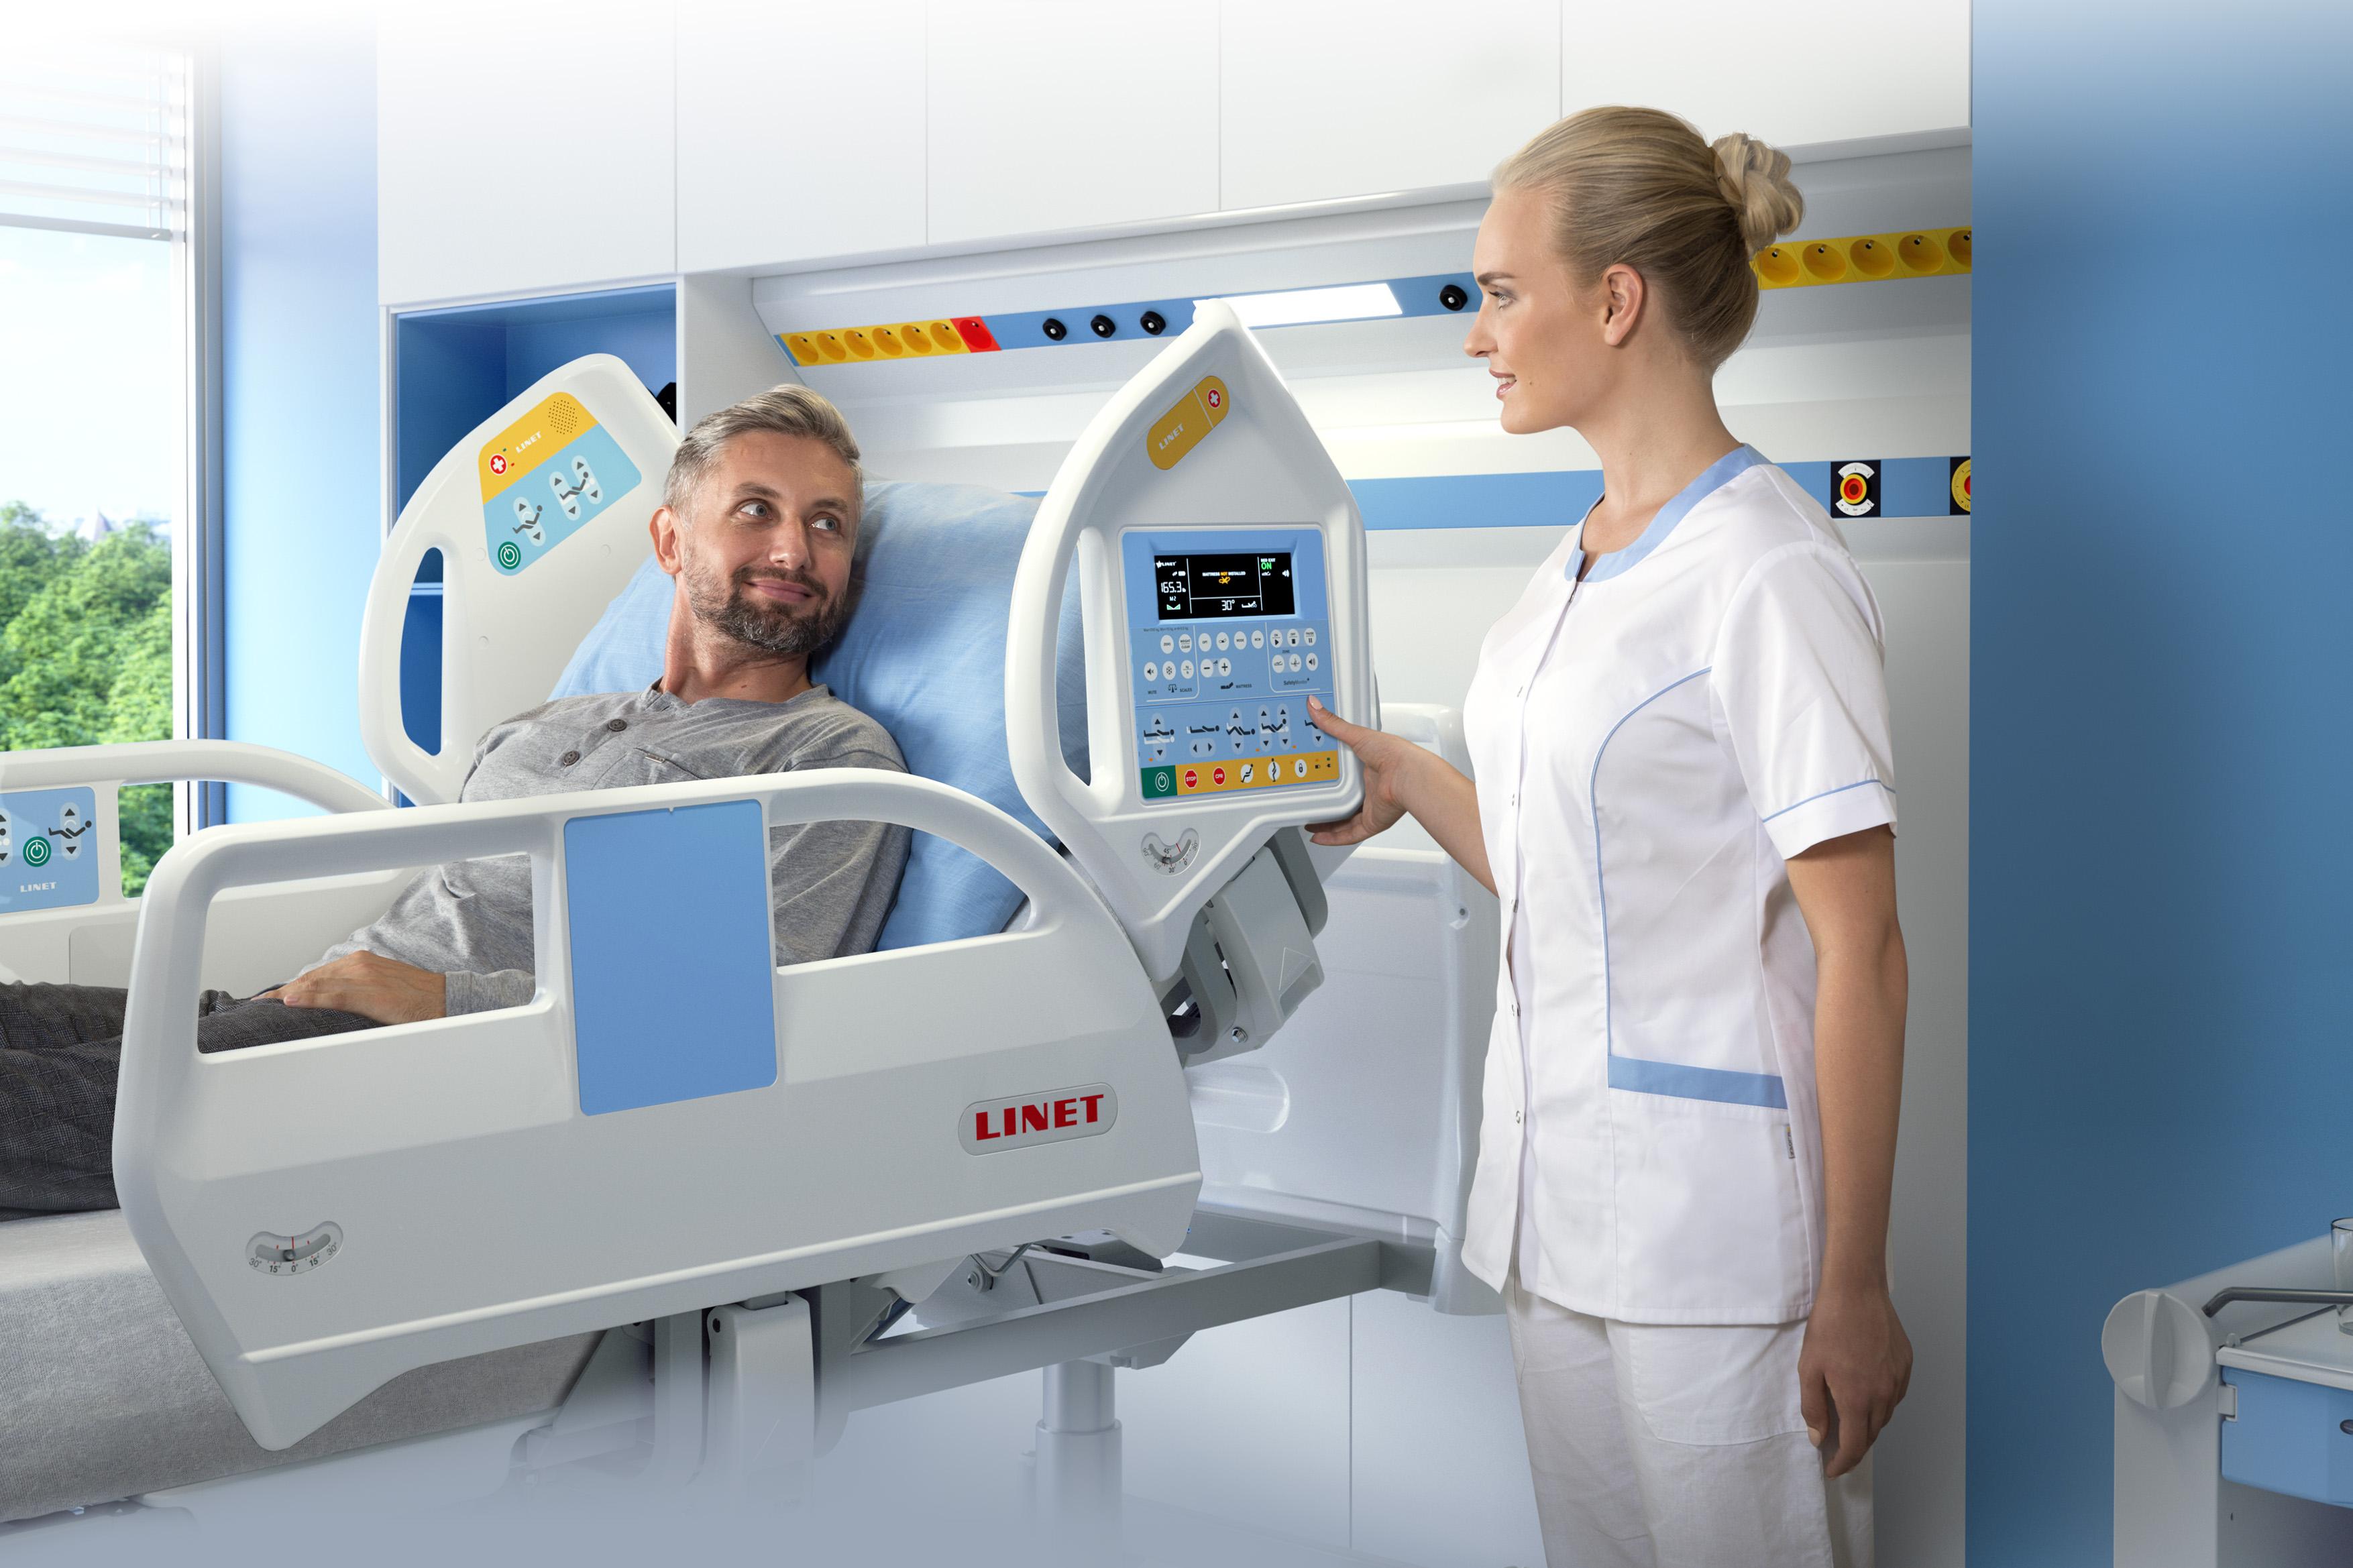 eleganza 5 - Innovation für die Intensivpflege - pflege-today.de